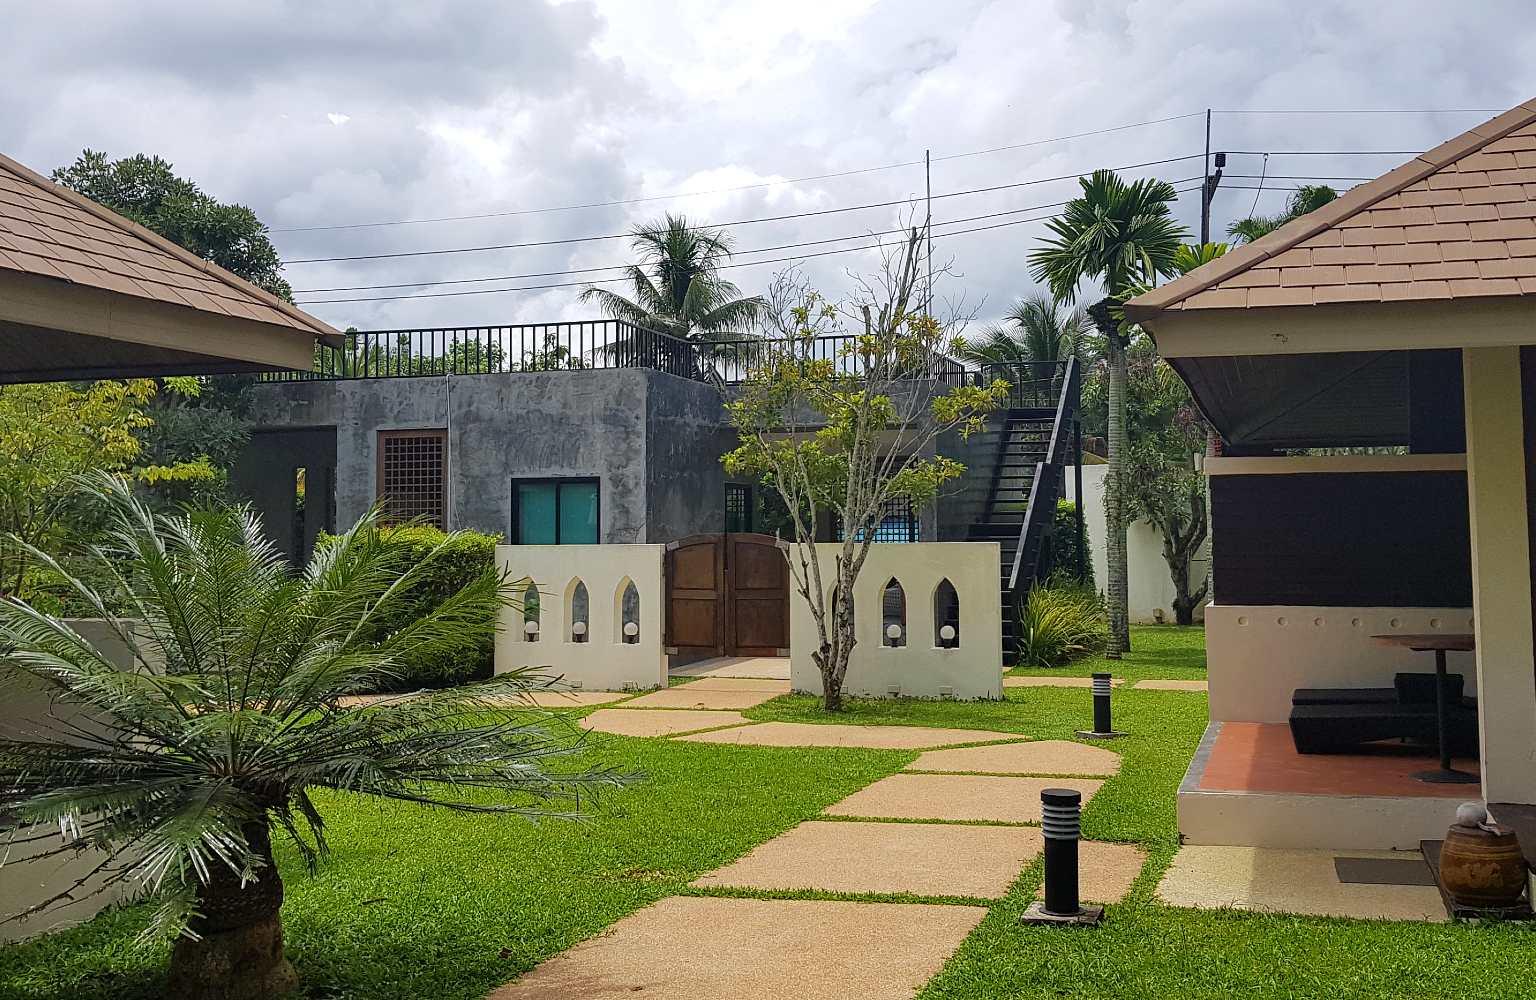 Poort en bungalows in de tuin